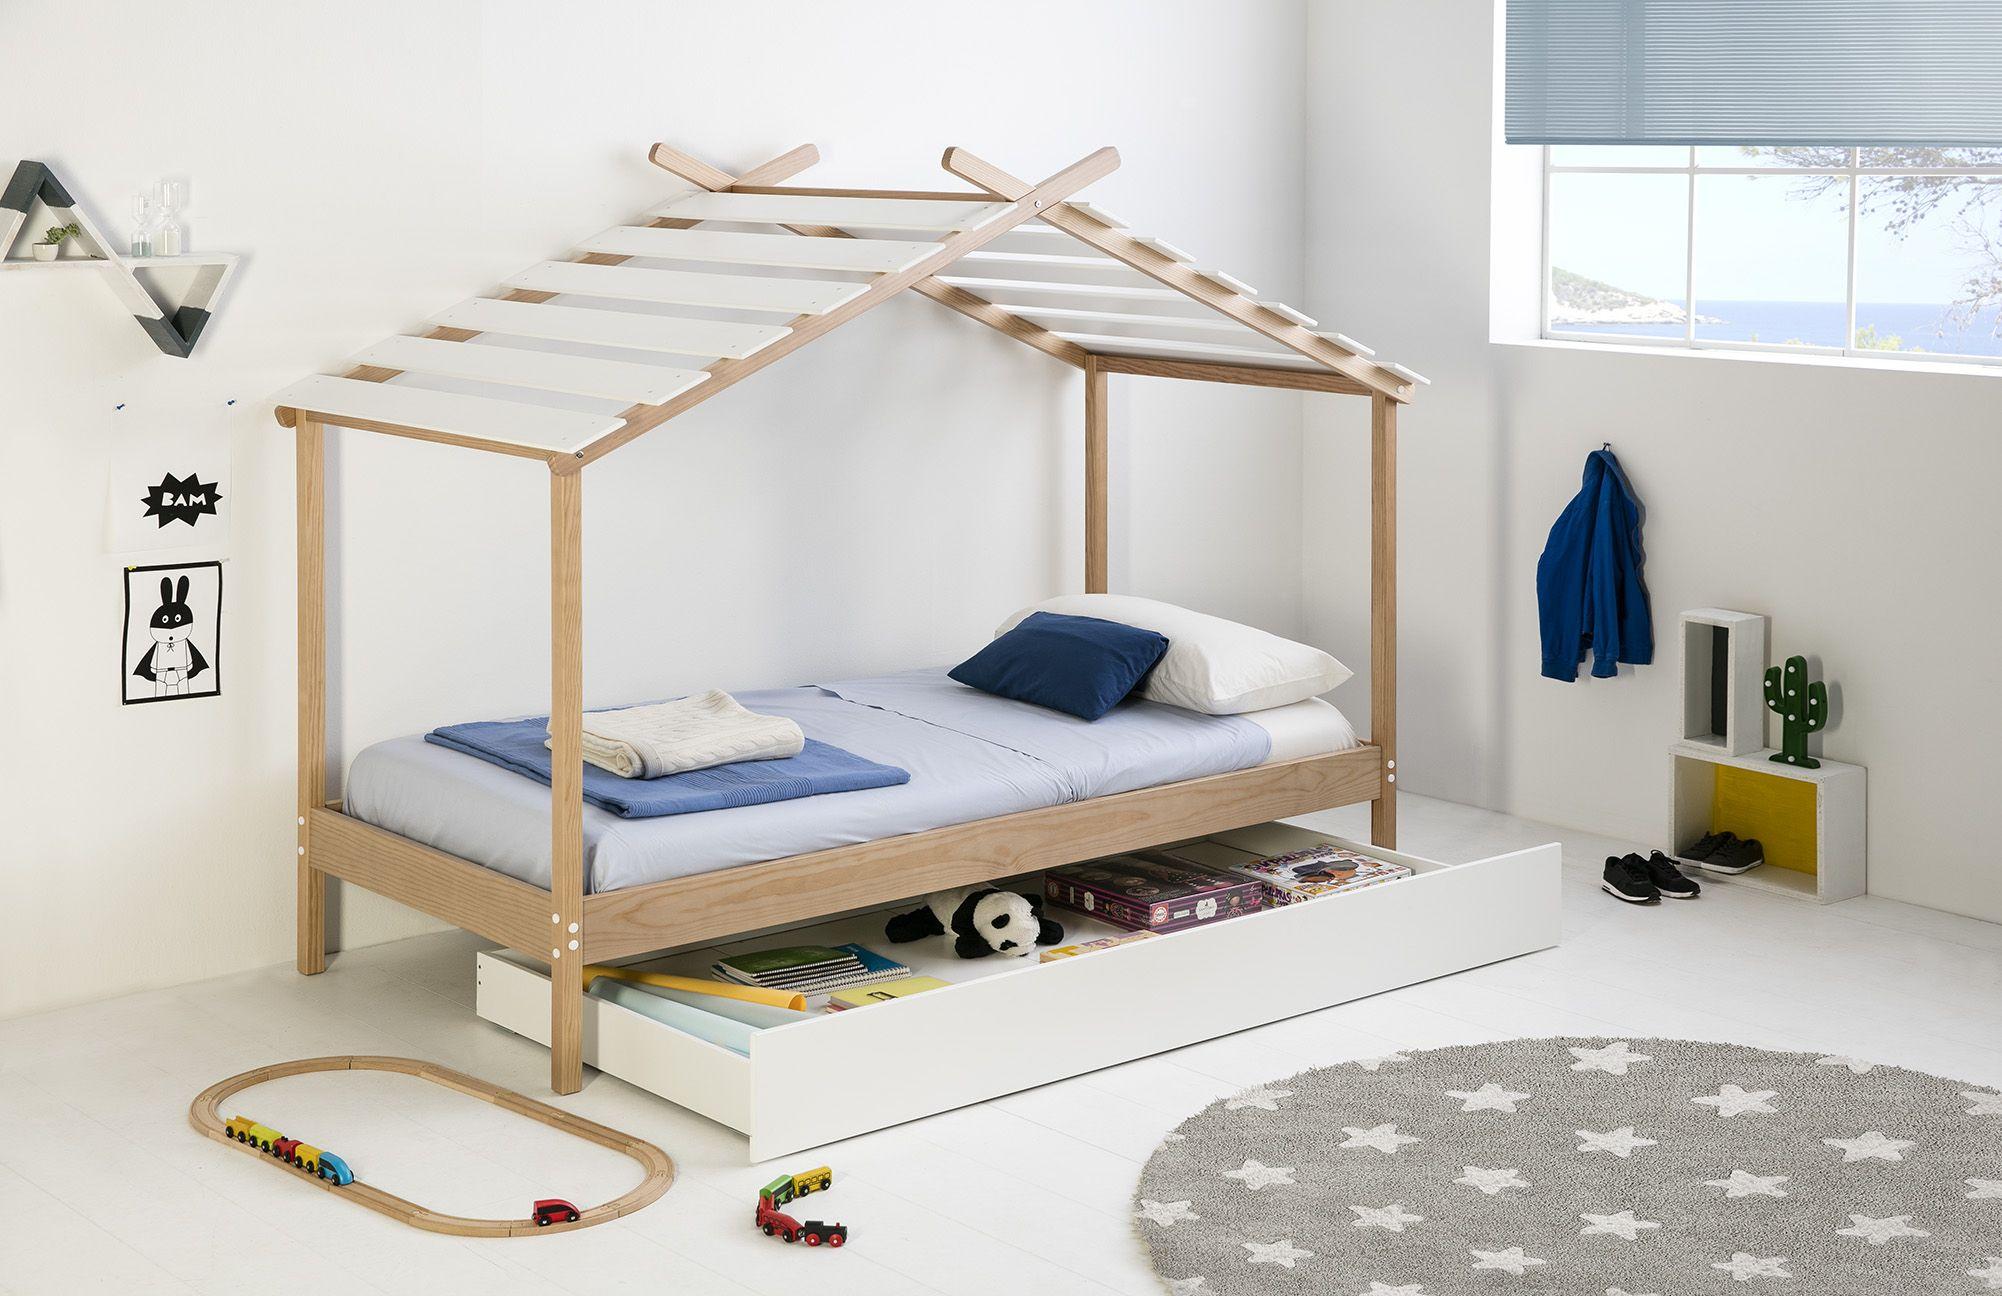 lit cabane robinson bientt disponible sur butfr chambre enfant - Lit Cabane But